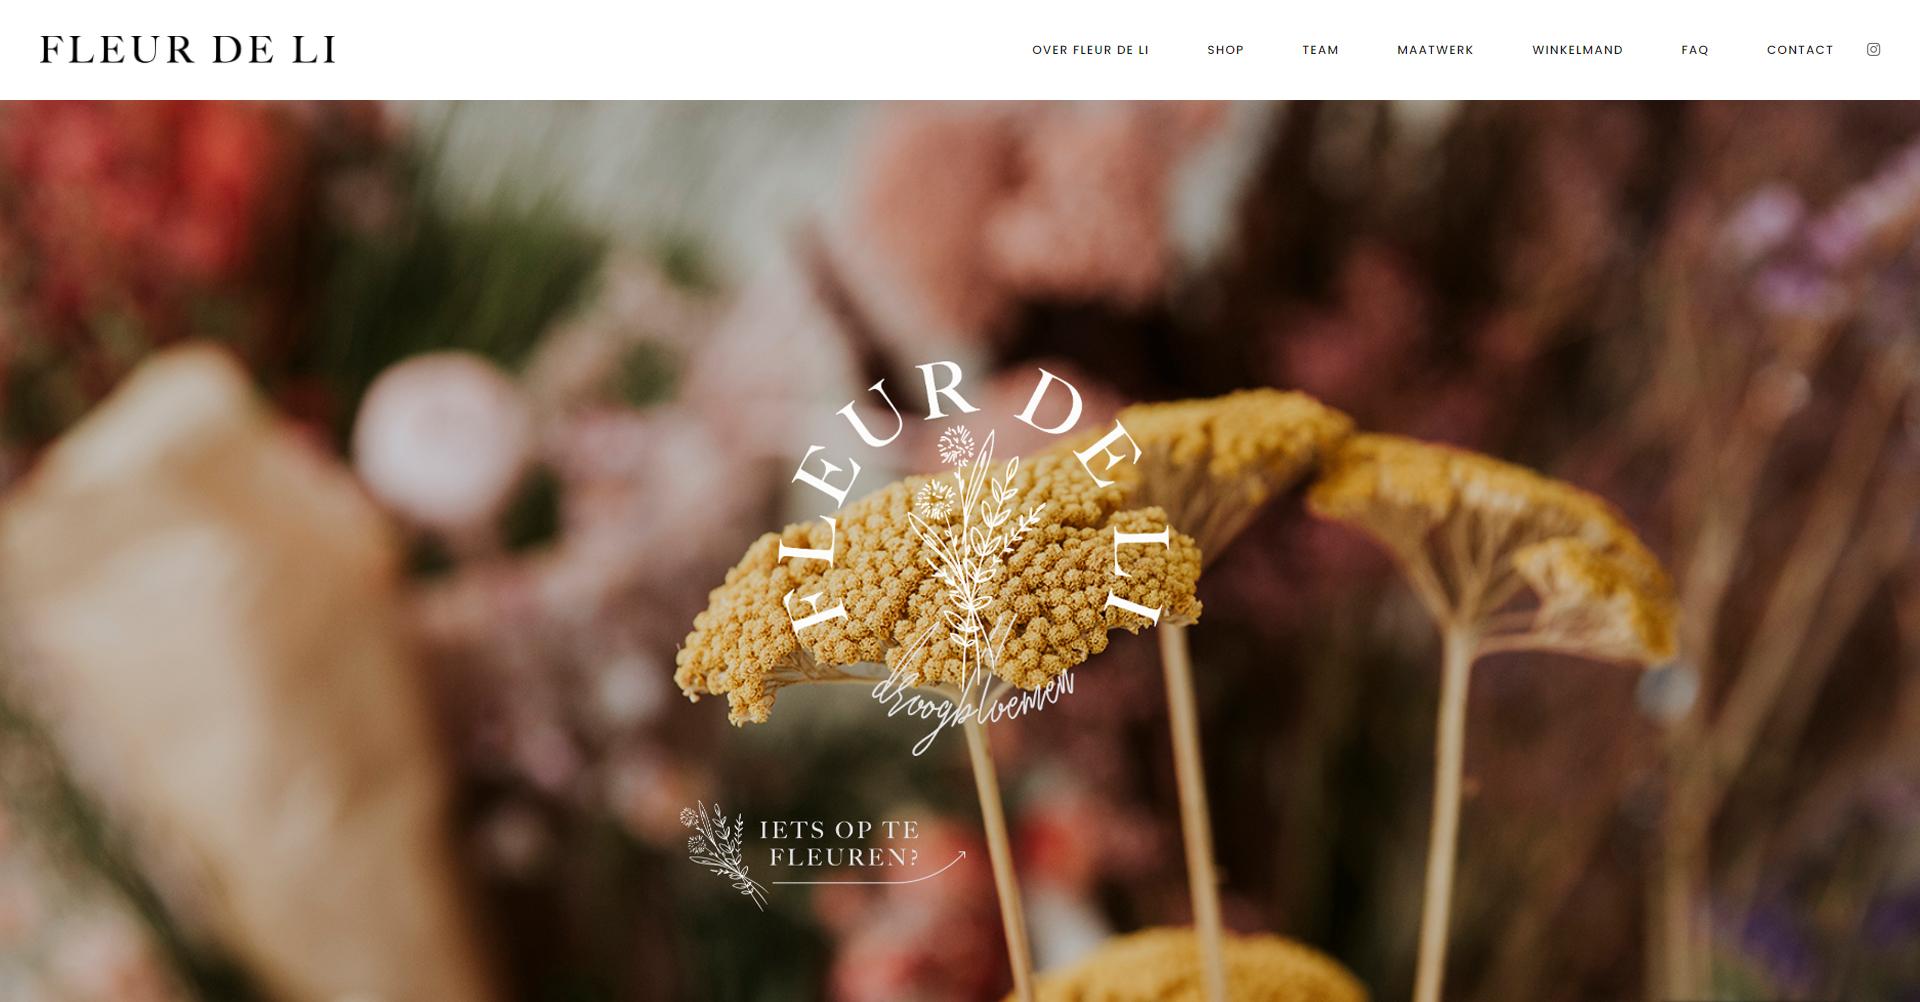 Fleur-Deli-logo